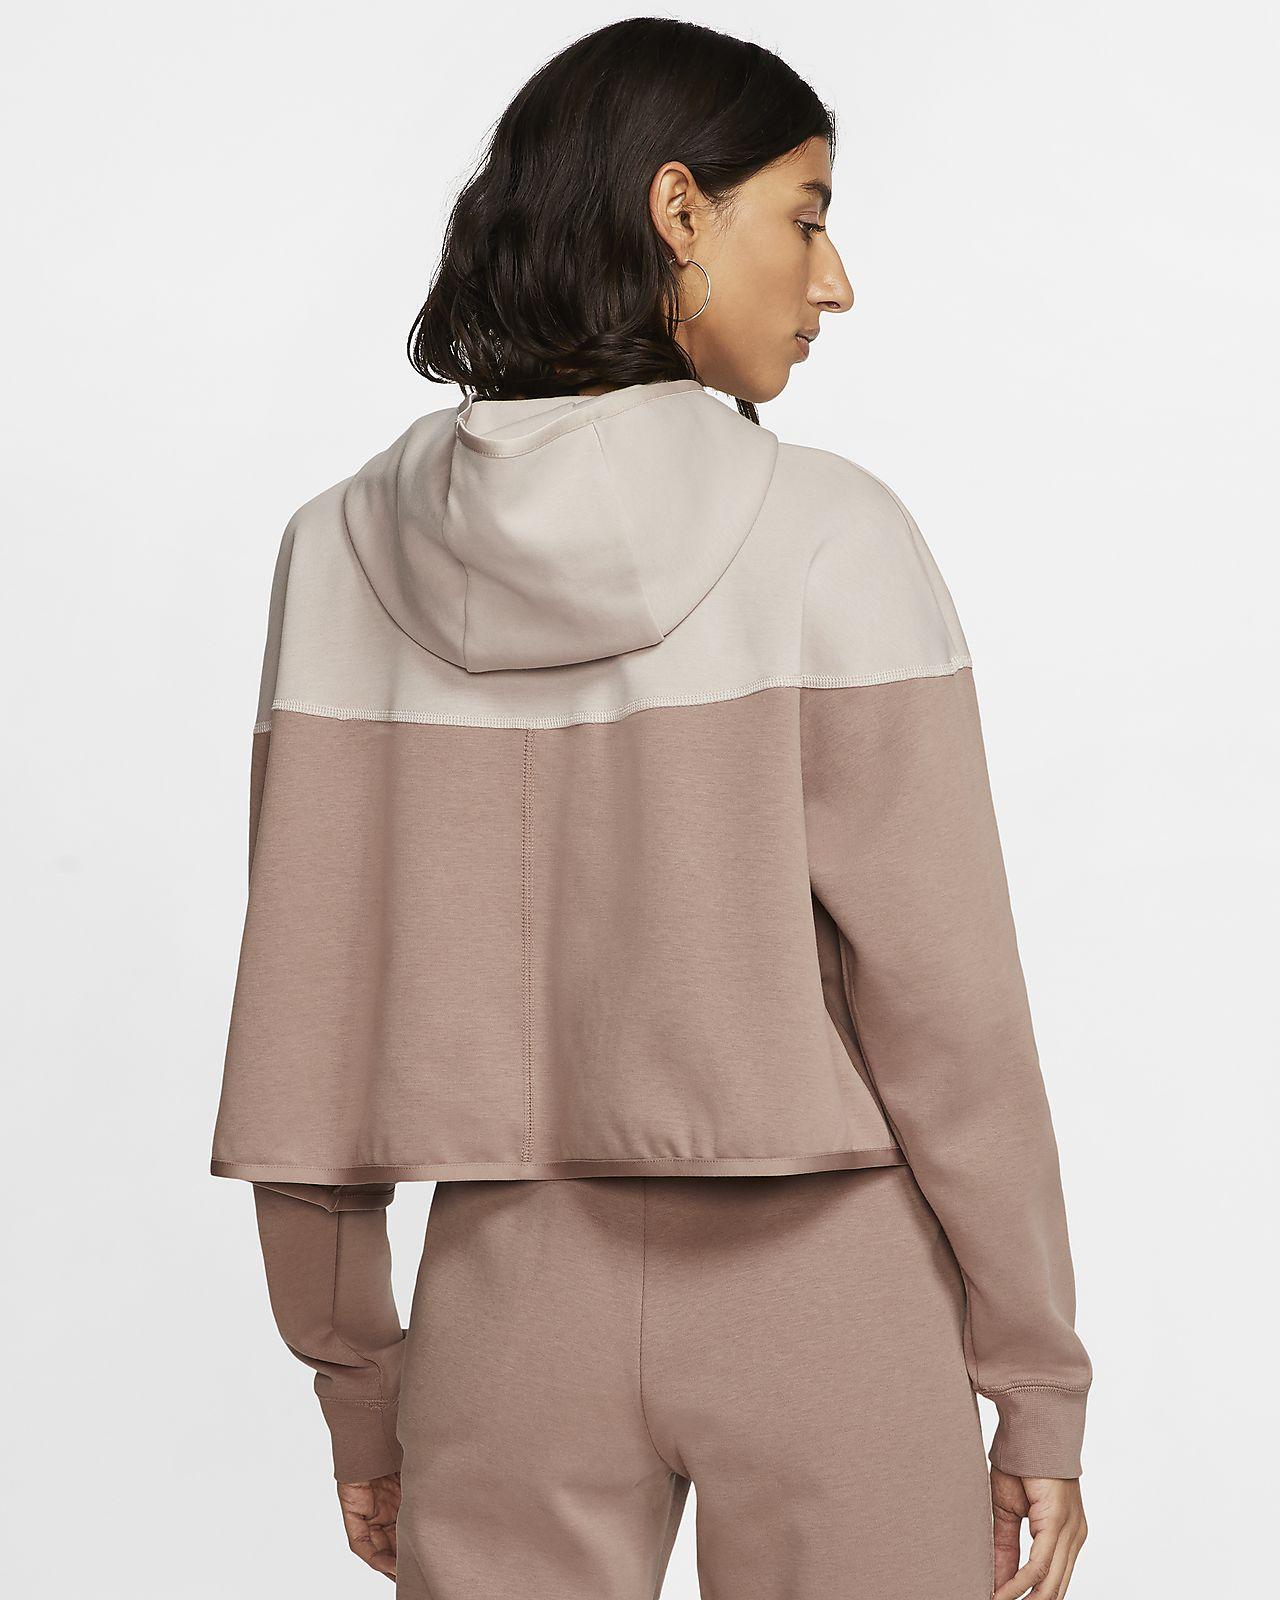 Women's Nike Sportswear Tech Fleece